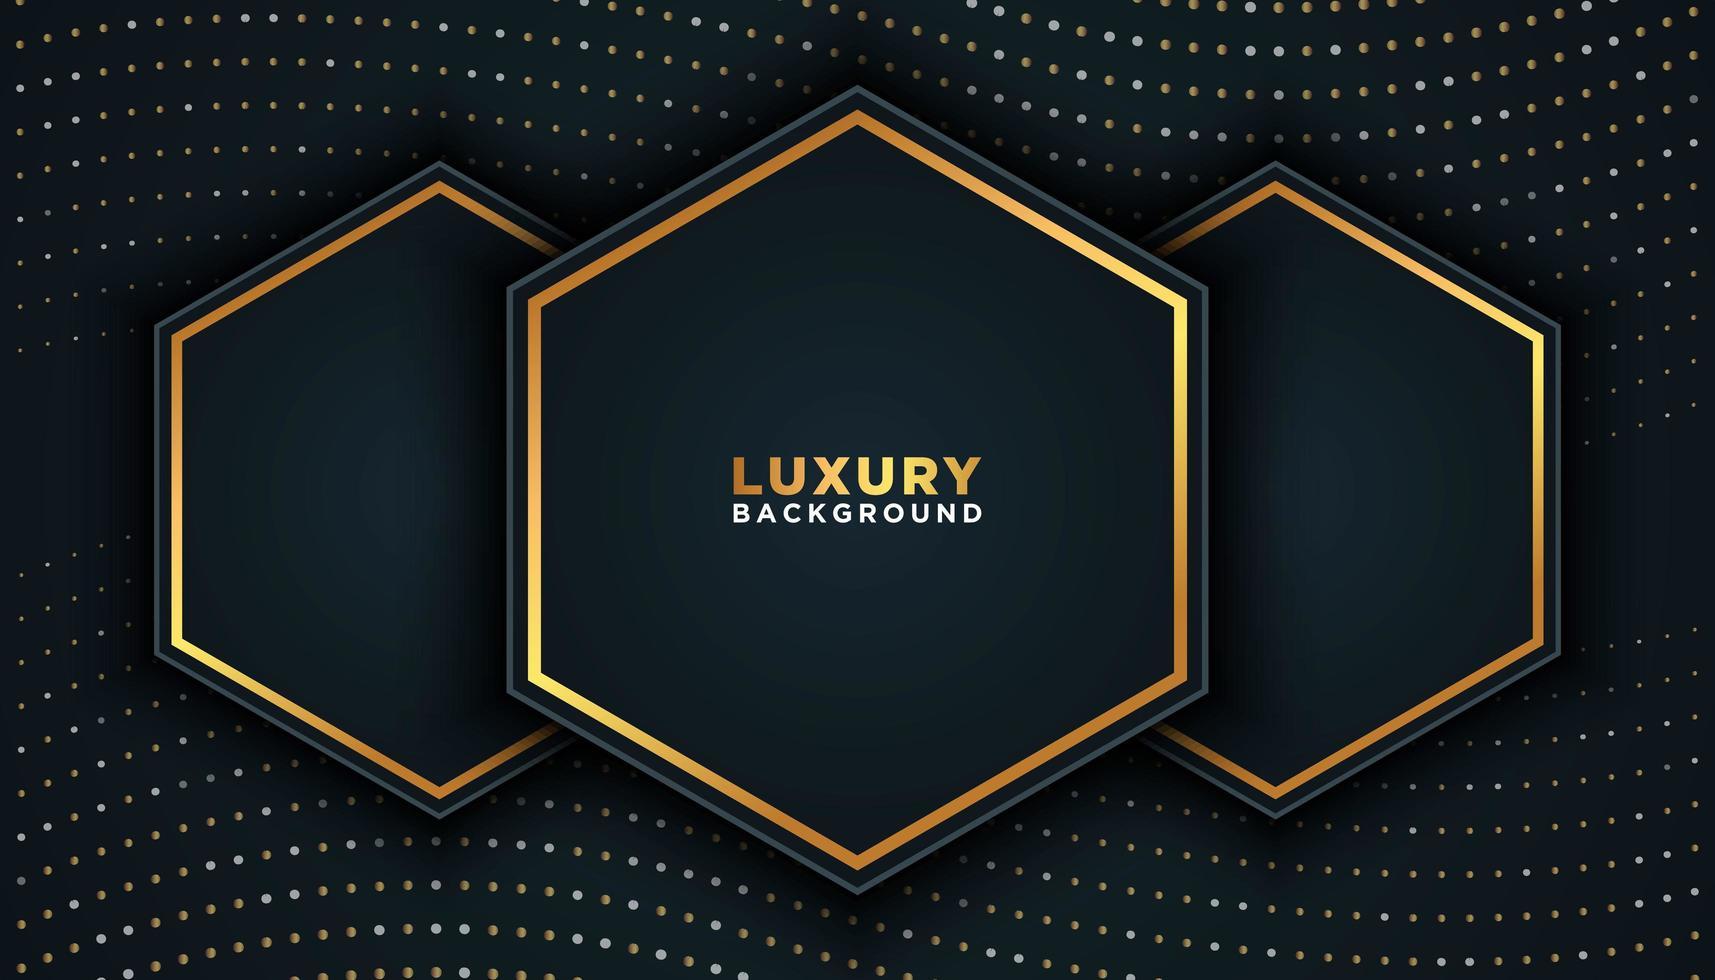 Fondo de lujo negro con puntos dorados y hexágonos vector